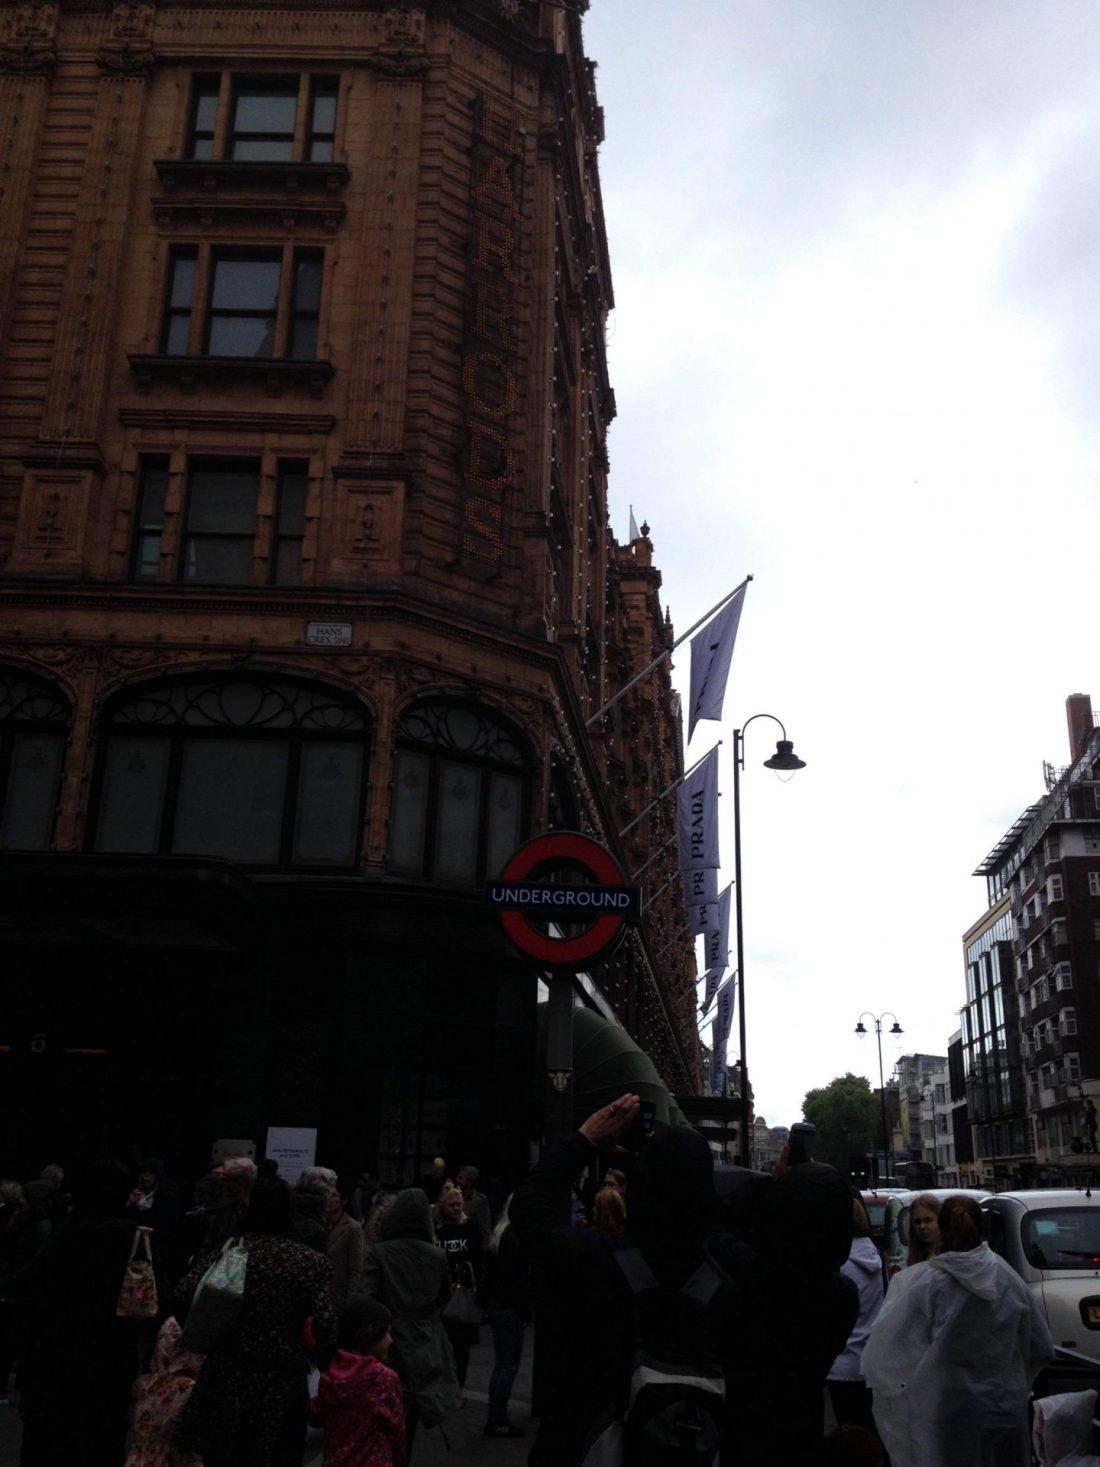 Harrods, London